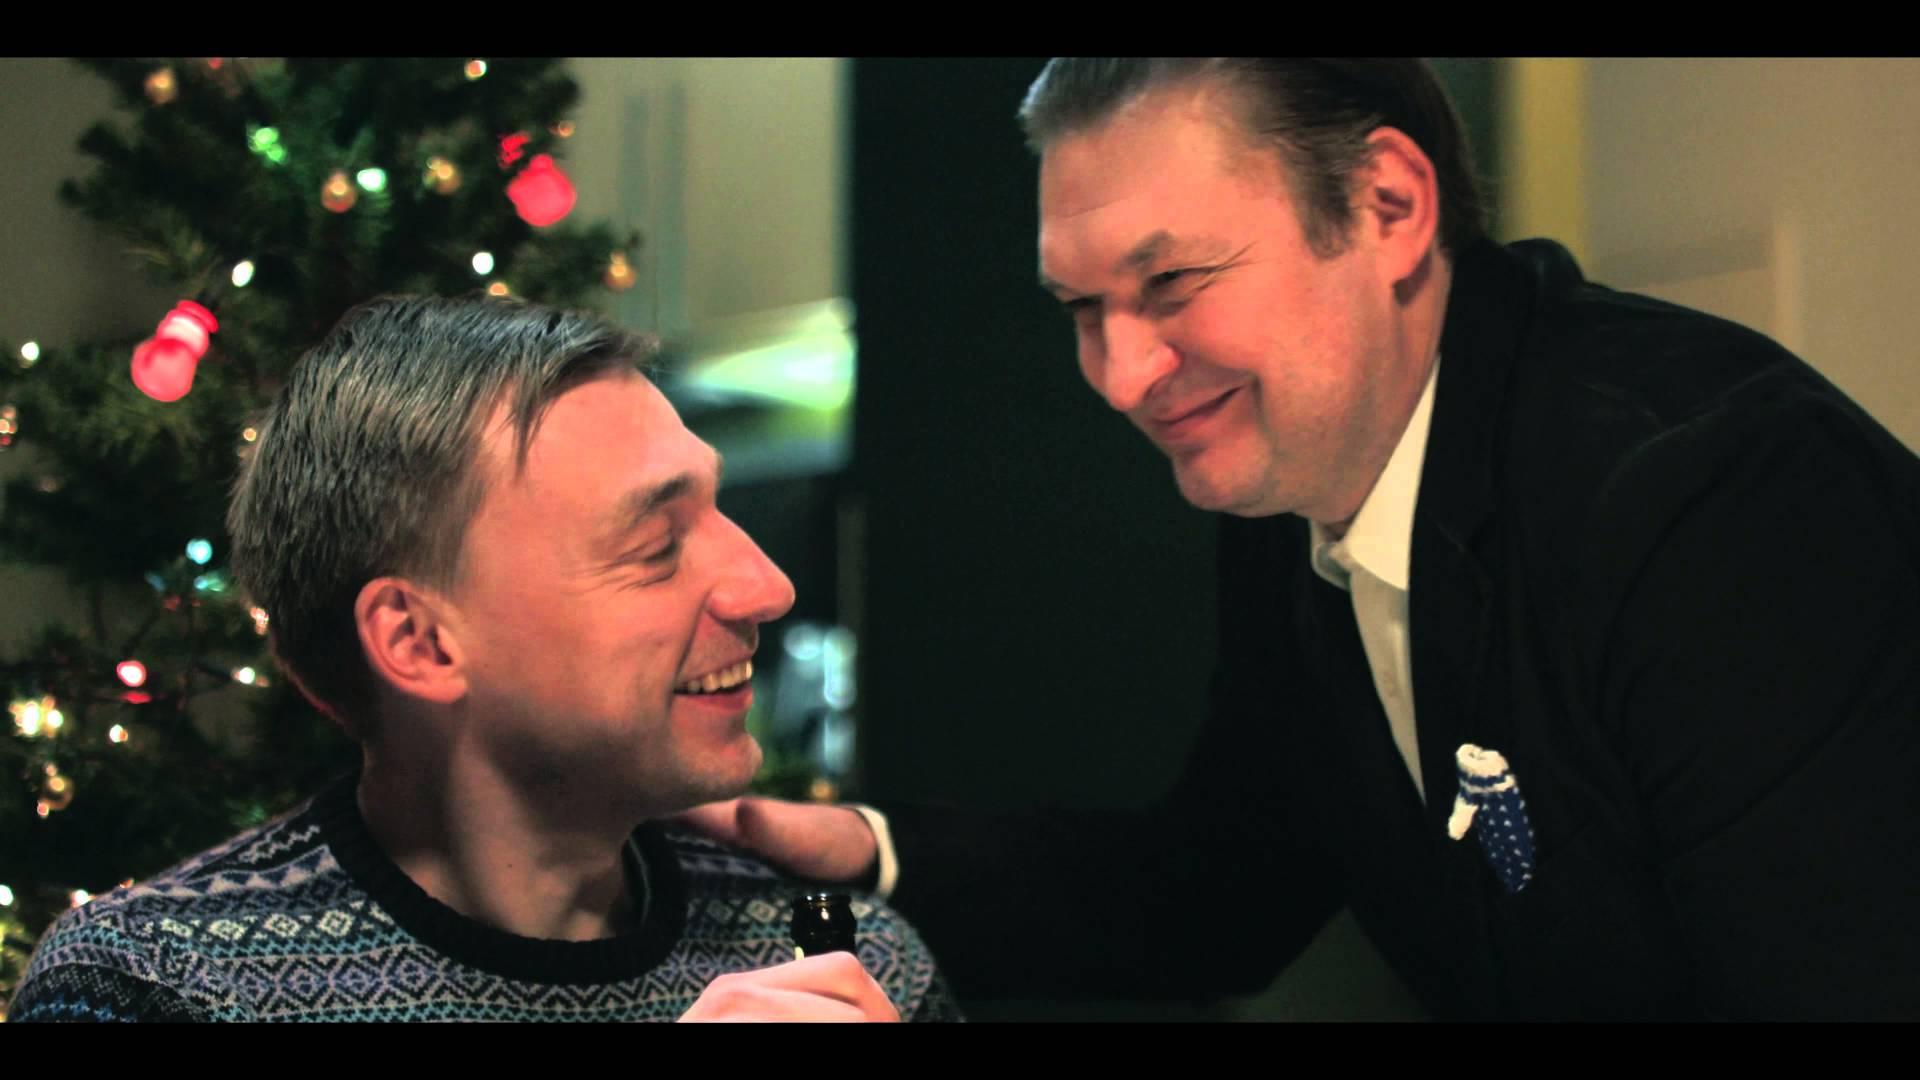 VIDEO: Onu Alko – Eesti vingeim alkoholivastane reklaam